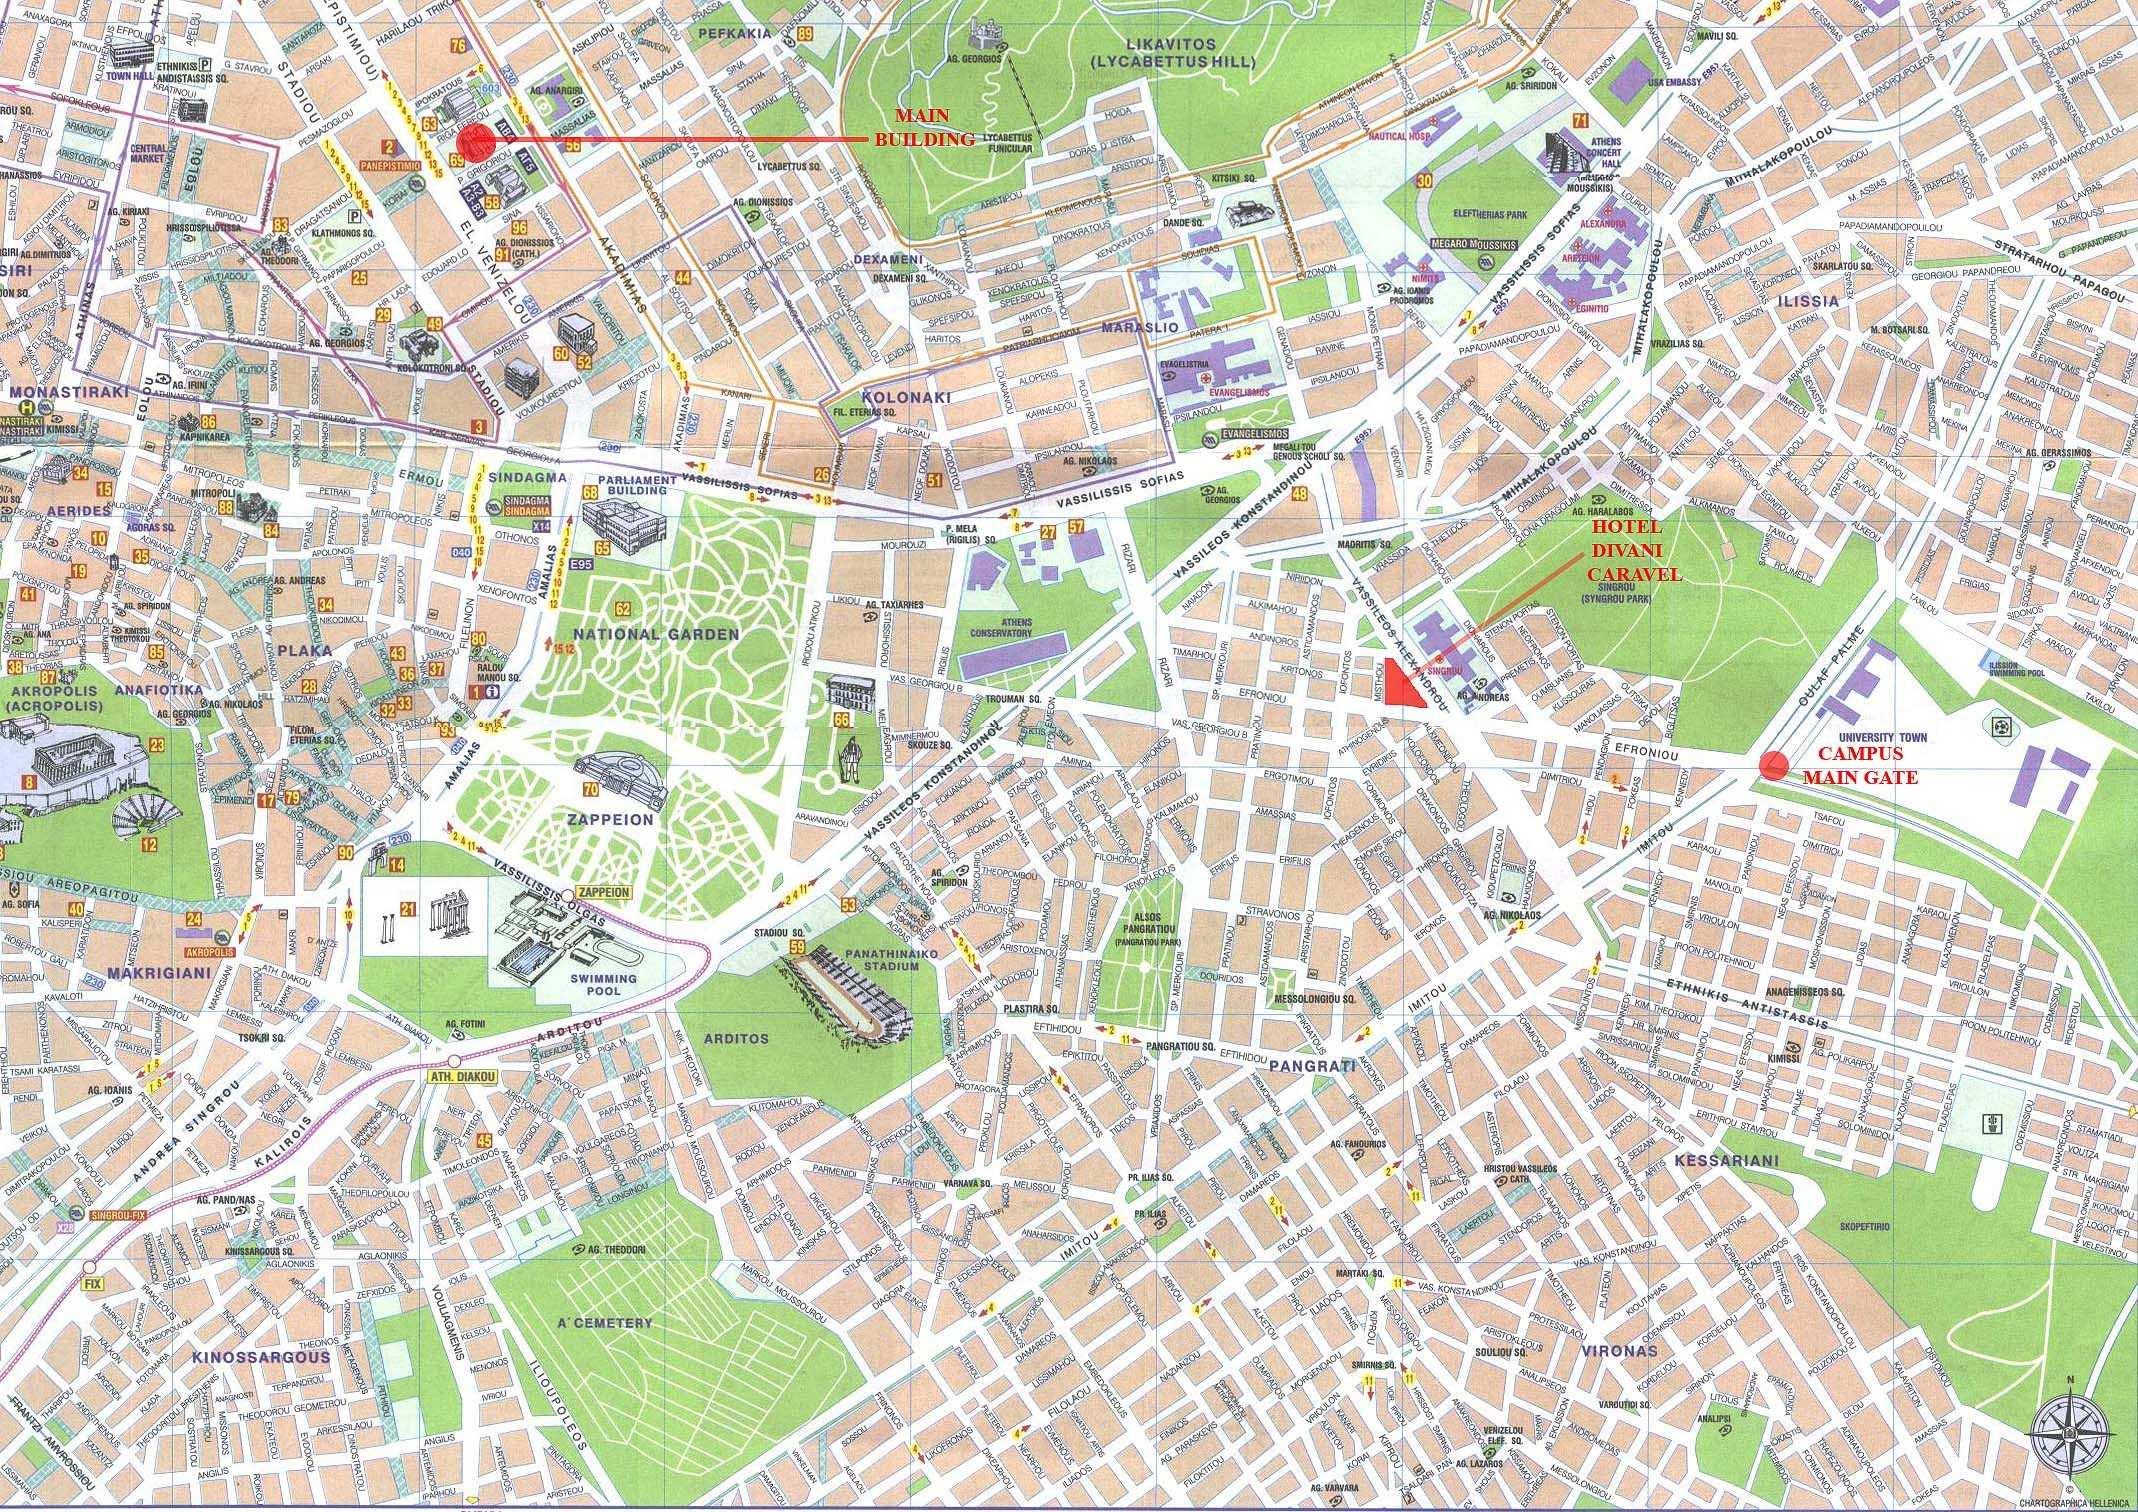 atenas mapa Atenas   plan de la ciudad | Mapas imprimidos de Atenas, Grecia  atenas mapa